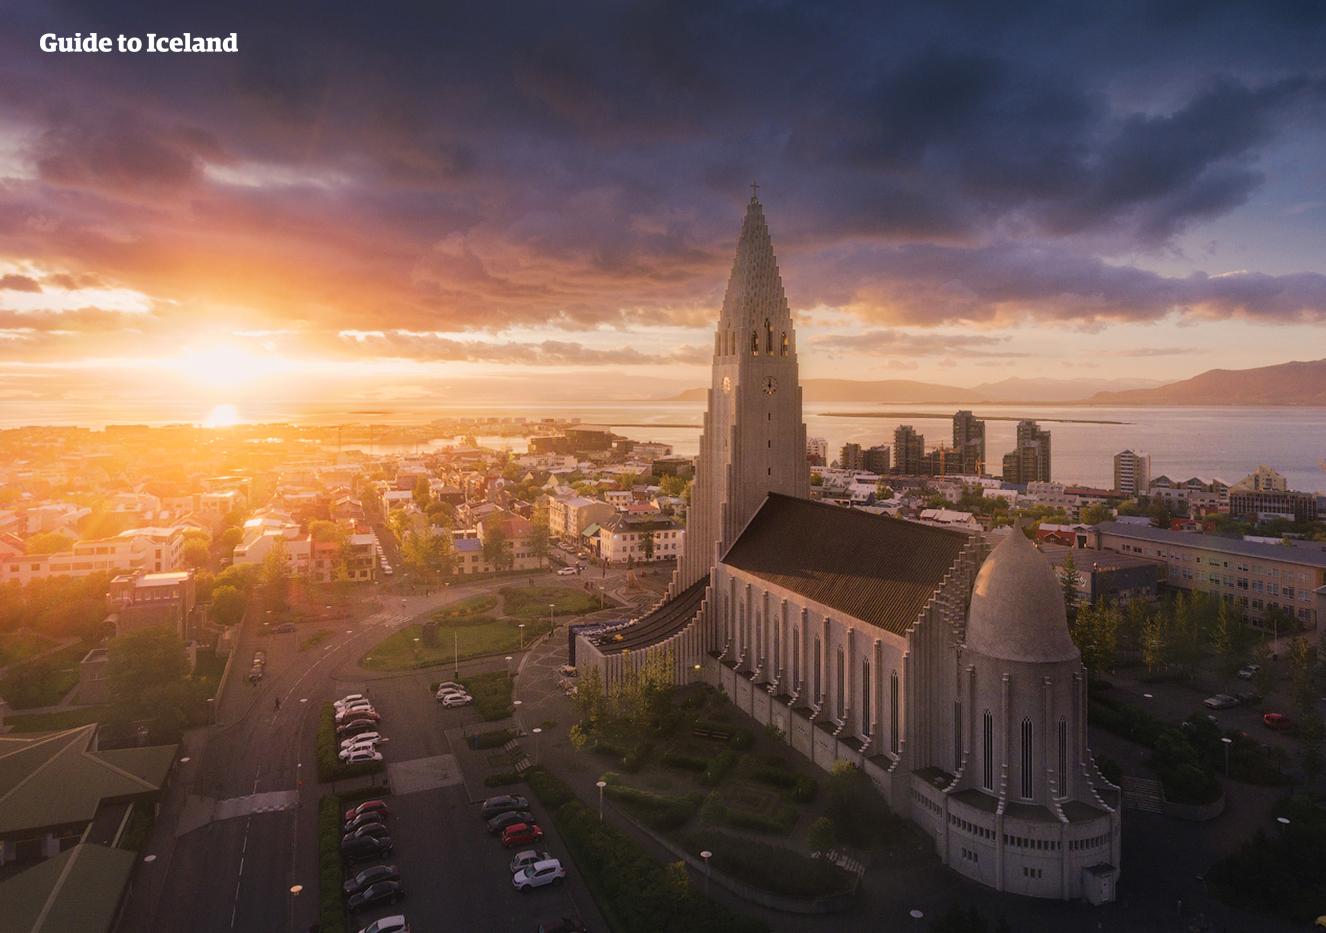 할그림스키르캬 교회는 아이슬란드의 시인 '할그리무르 피에크루손'에서 그 이름을 따왔습니다.